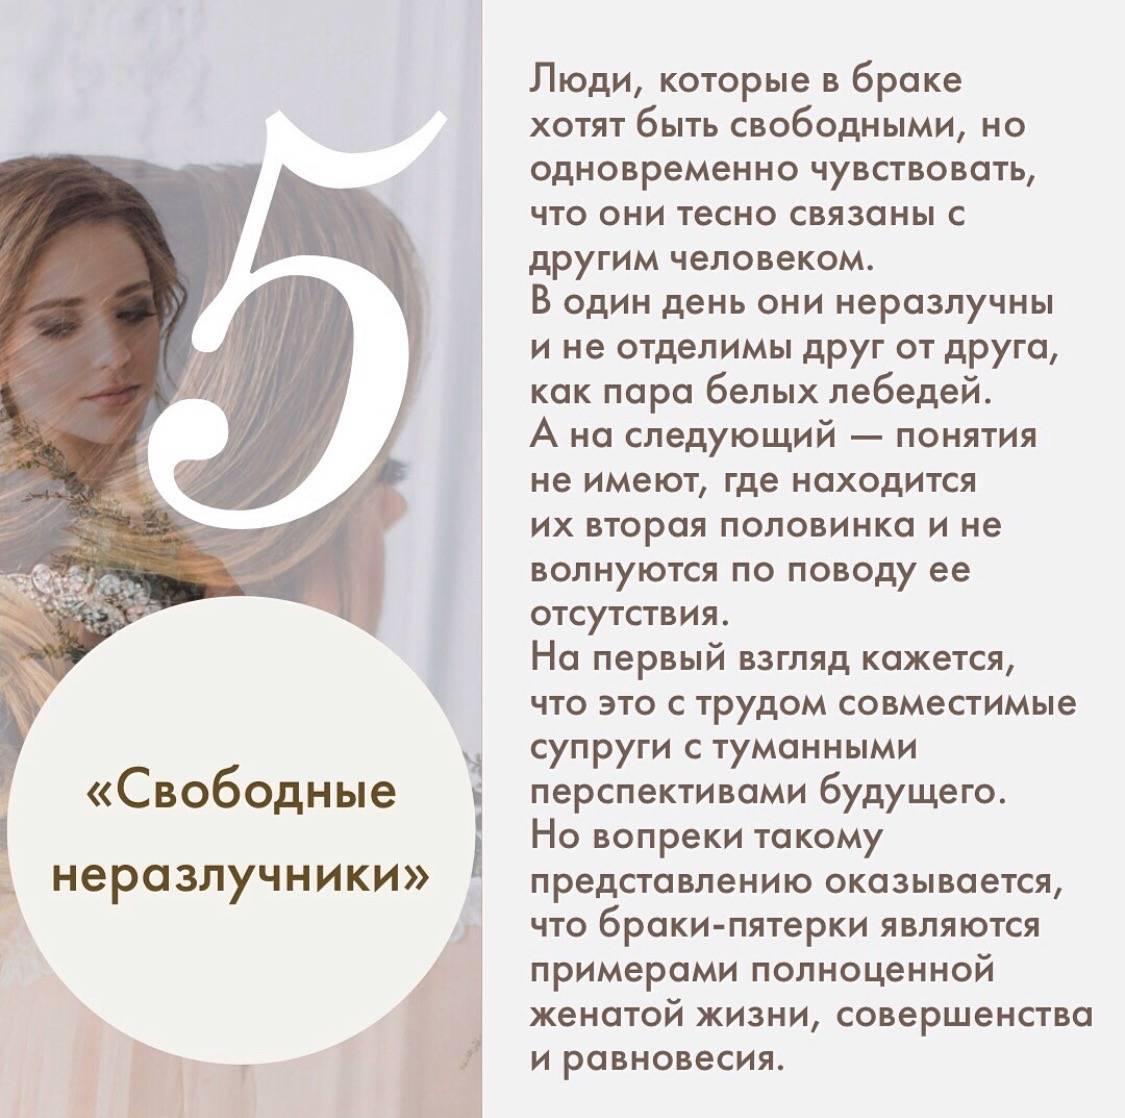 Нумерология: по дате рождения рассчитать дату замужества (дата свадьбы)